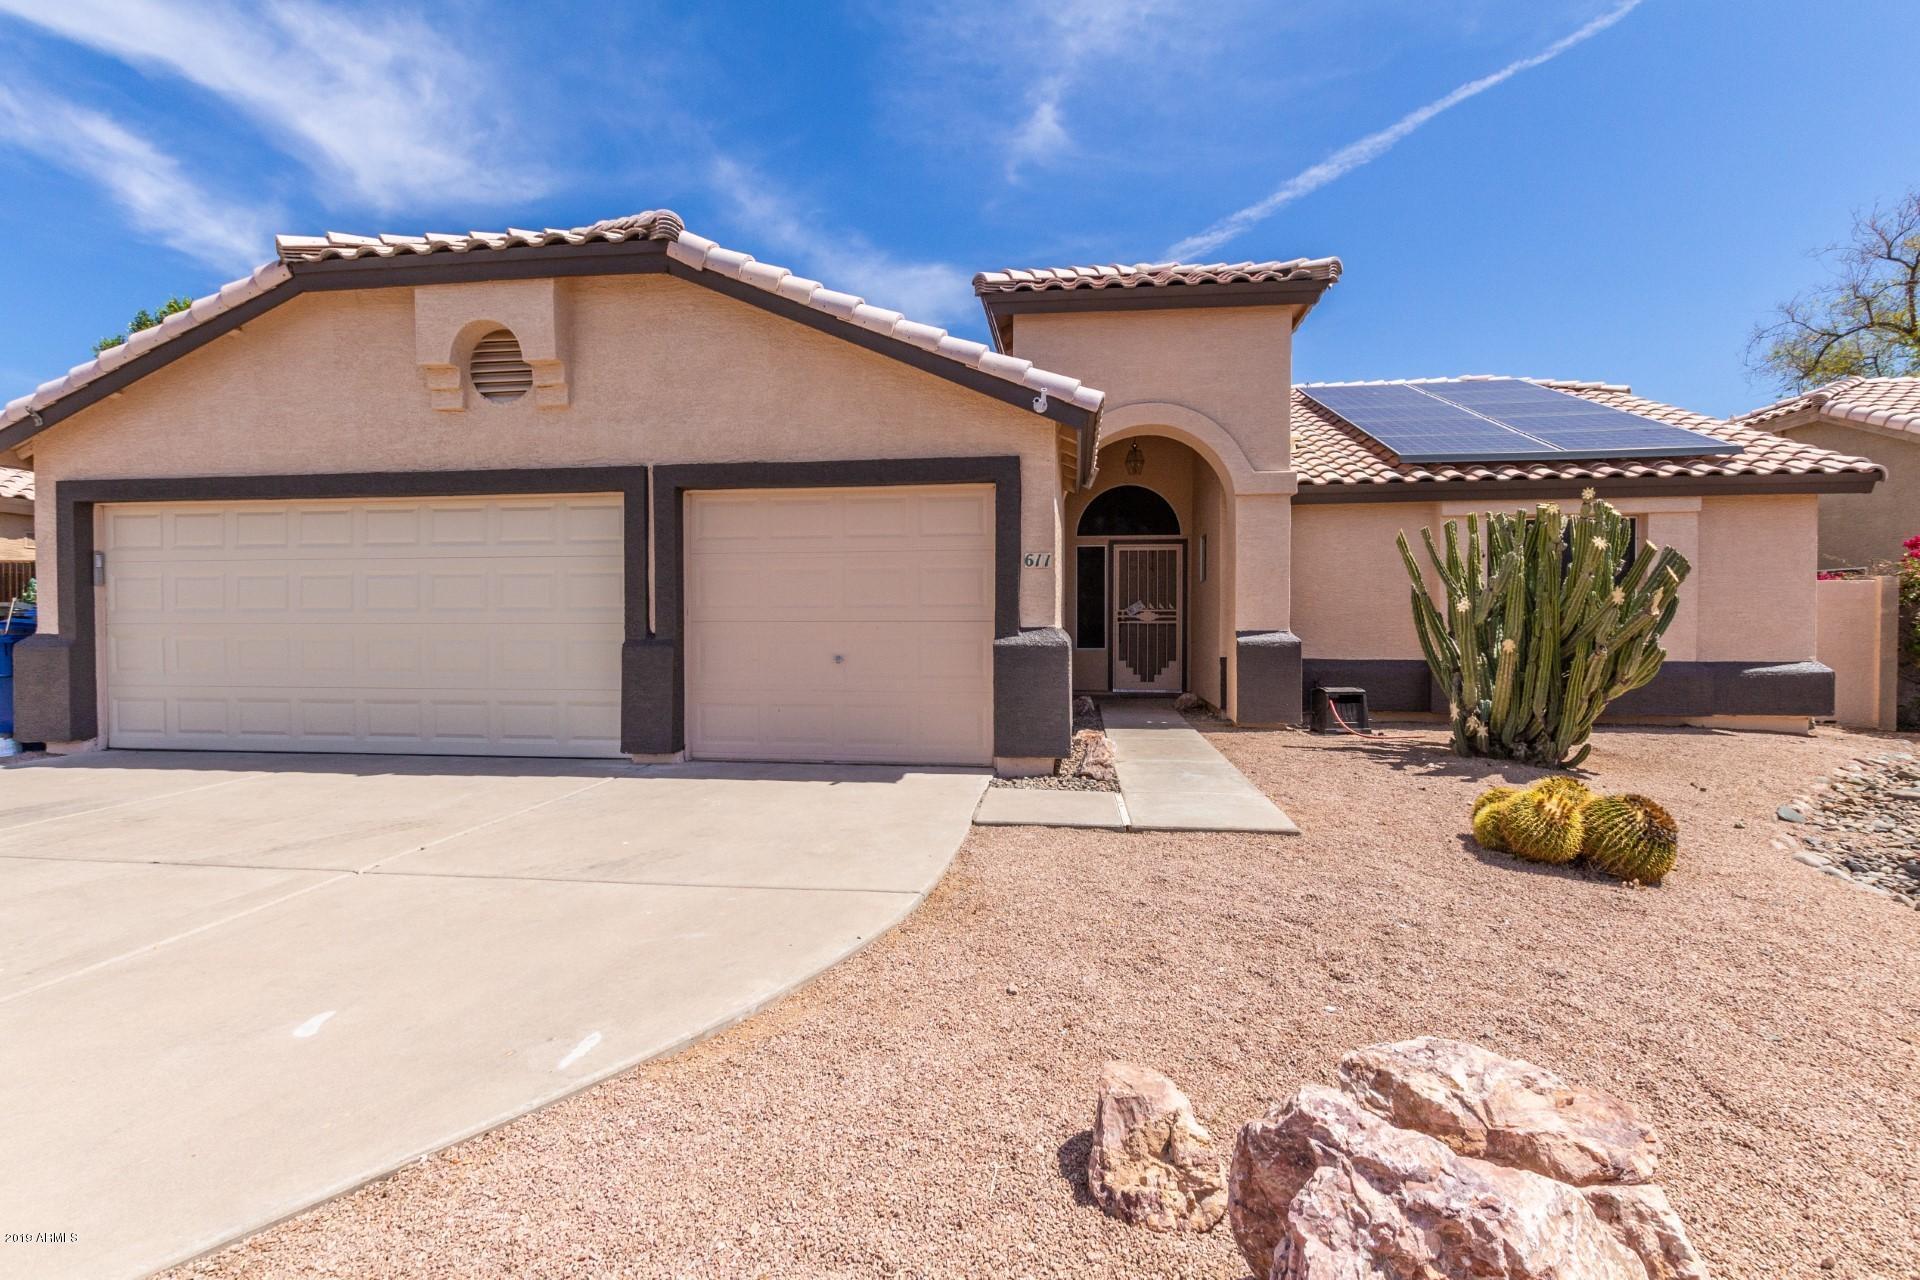 Photo of 611 N VISTA DEL SOL Street, Mesa, AZ 85207